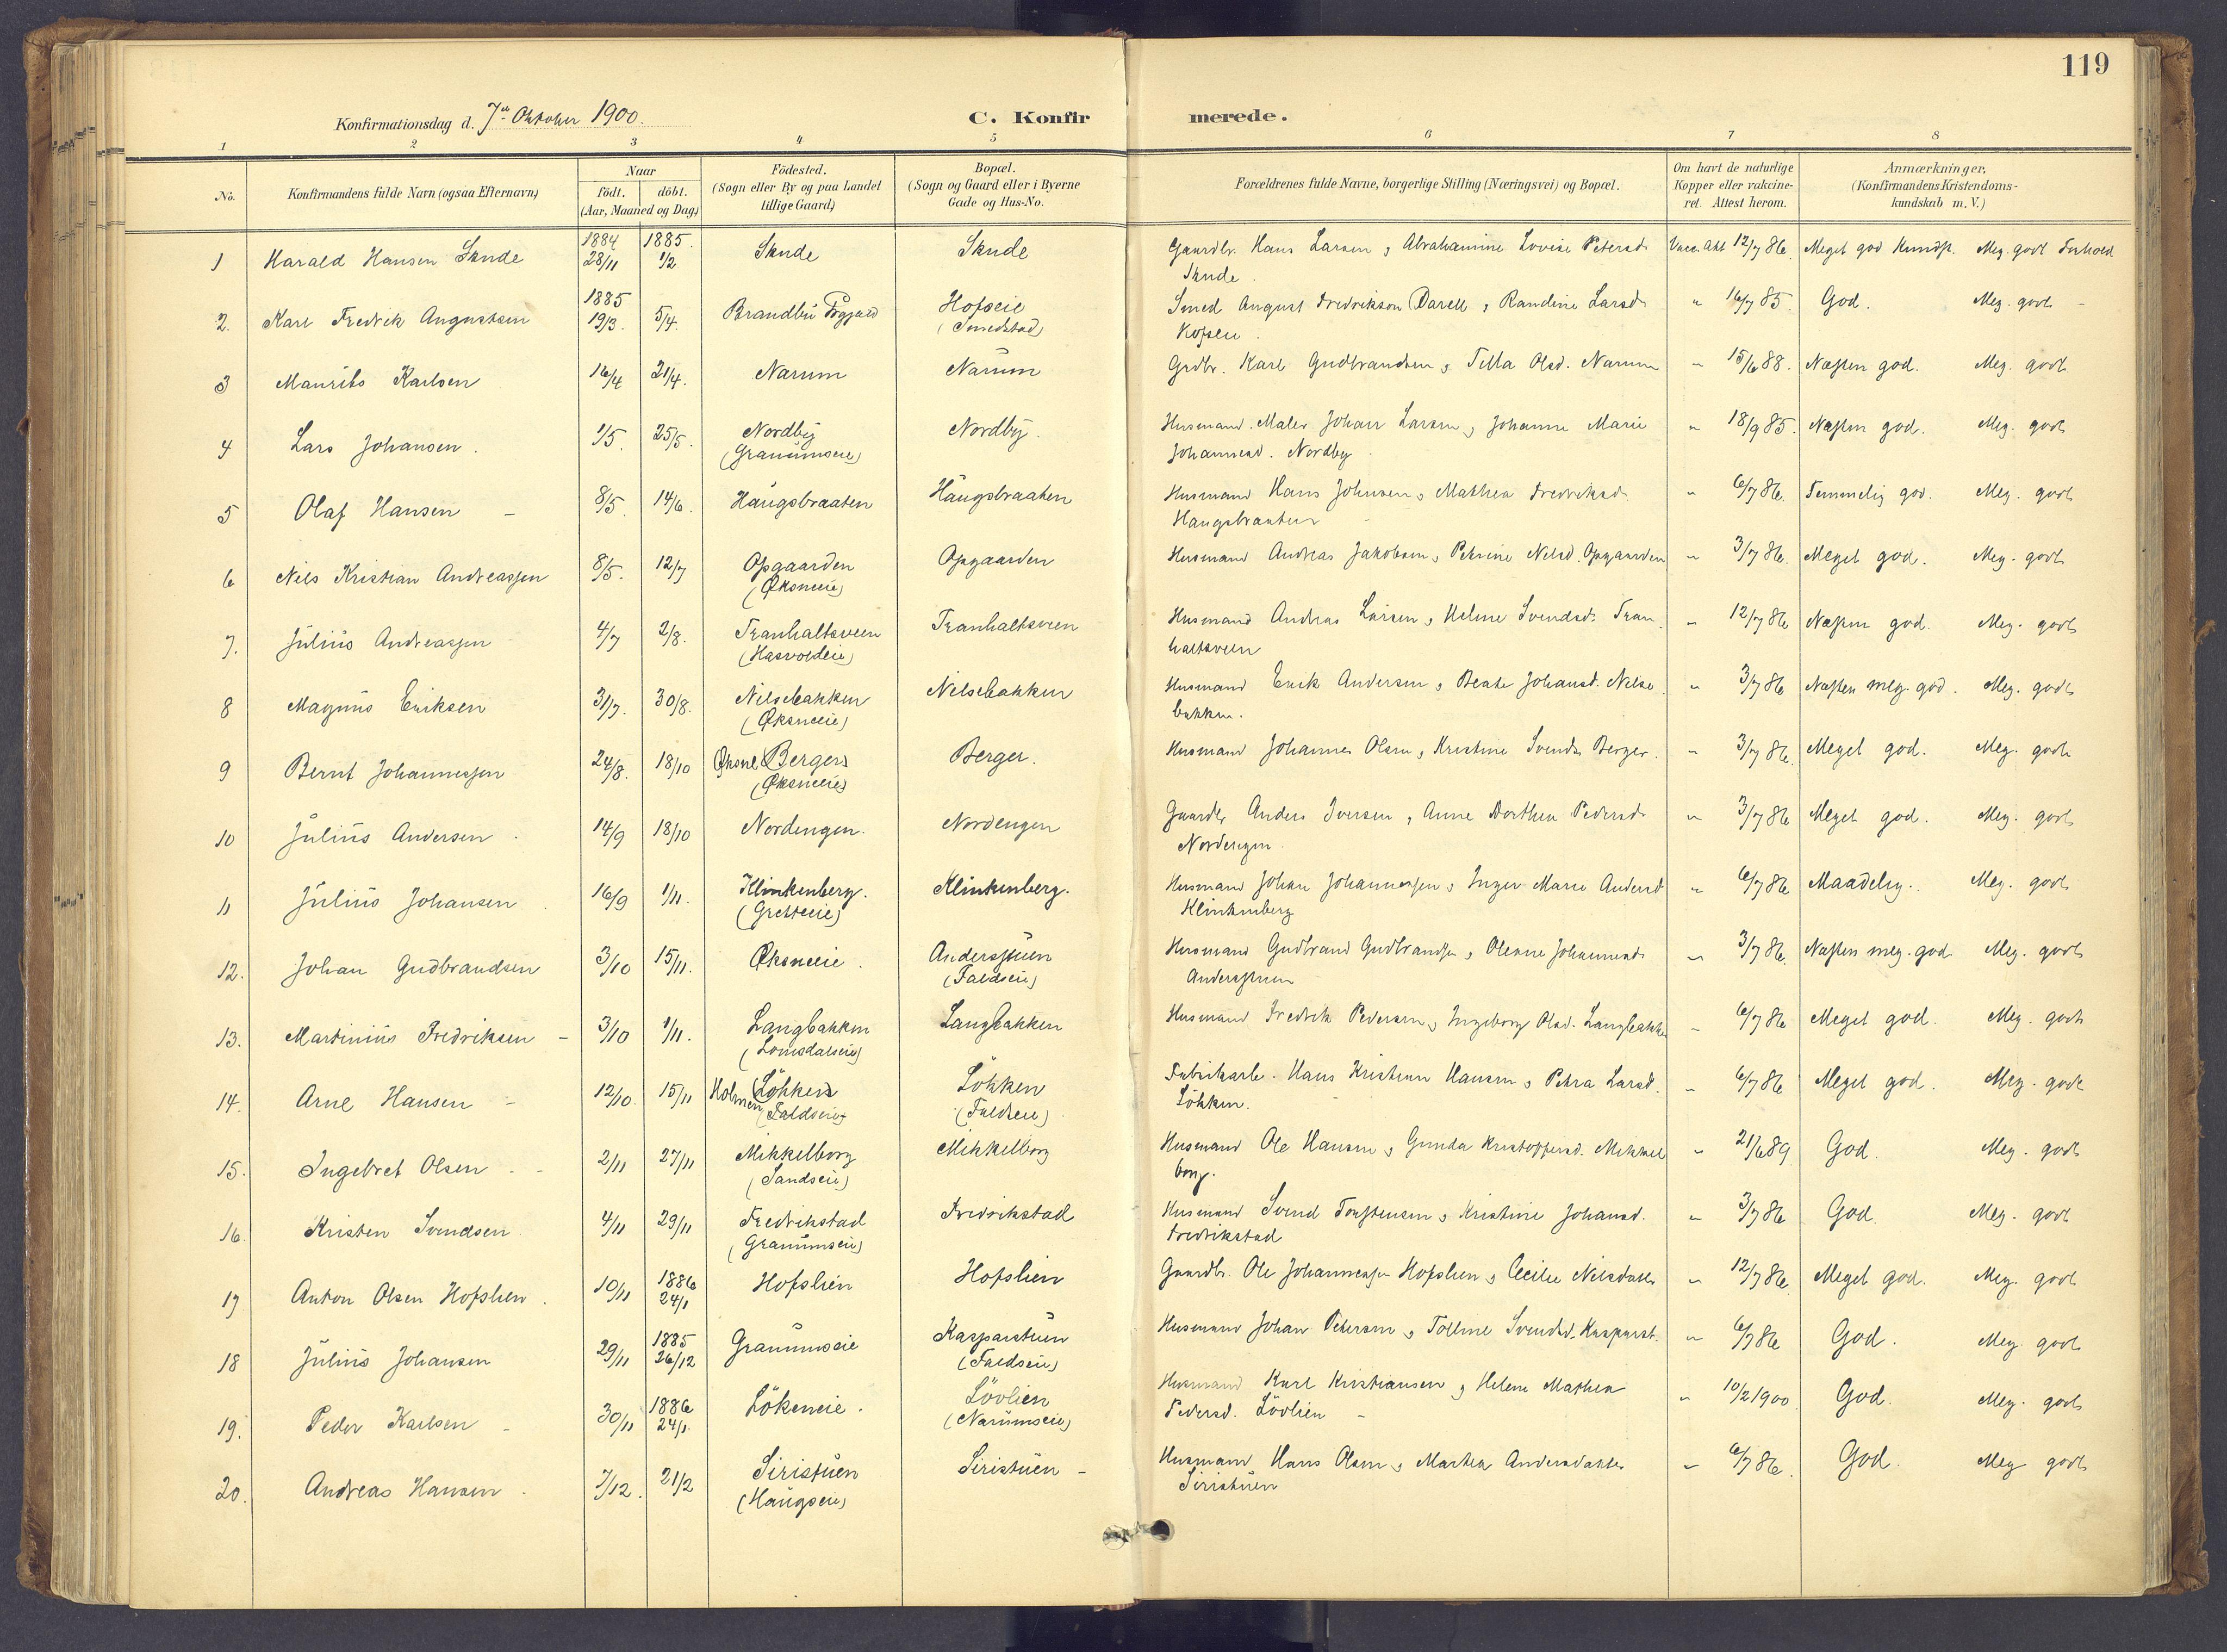 SAH, Søndre Land prestekontor, K/L0006: Ministerialbok nr. 6, 1895-1904, s. 119